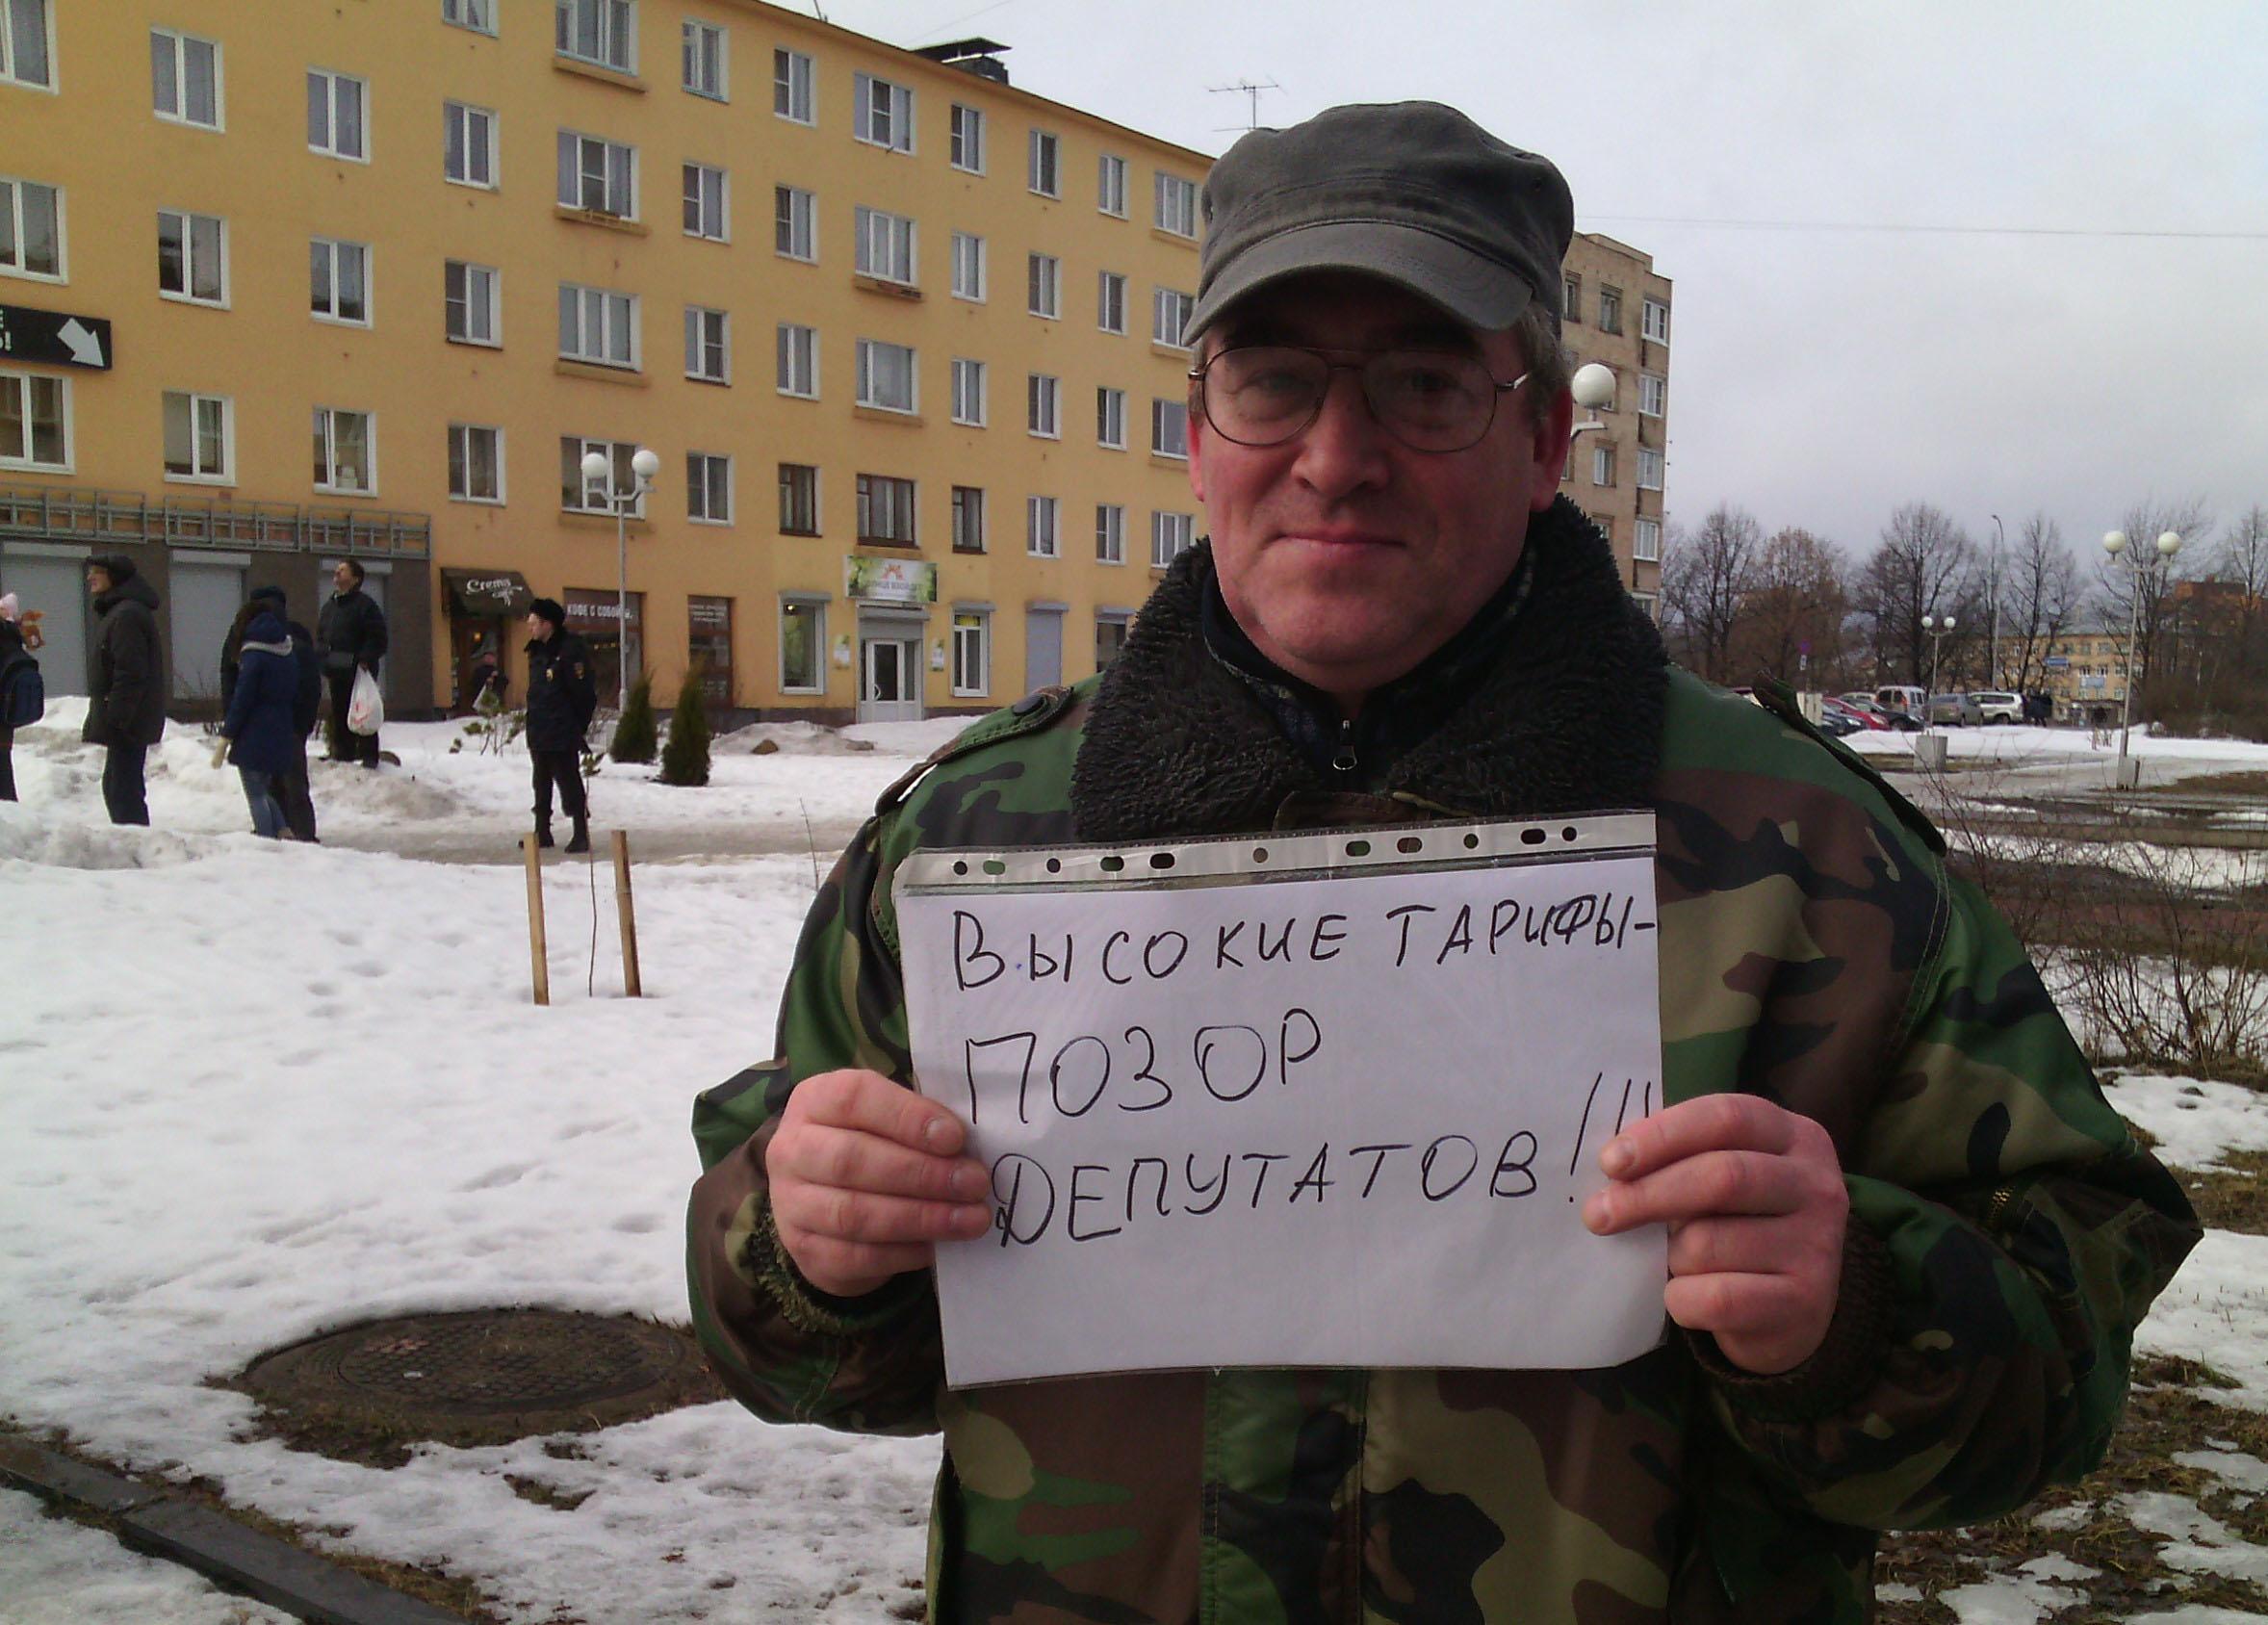 Игорь Аблоухов. Фото: Валерий Поташов